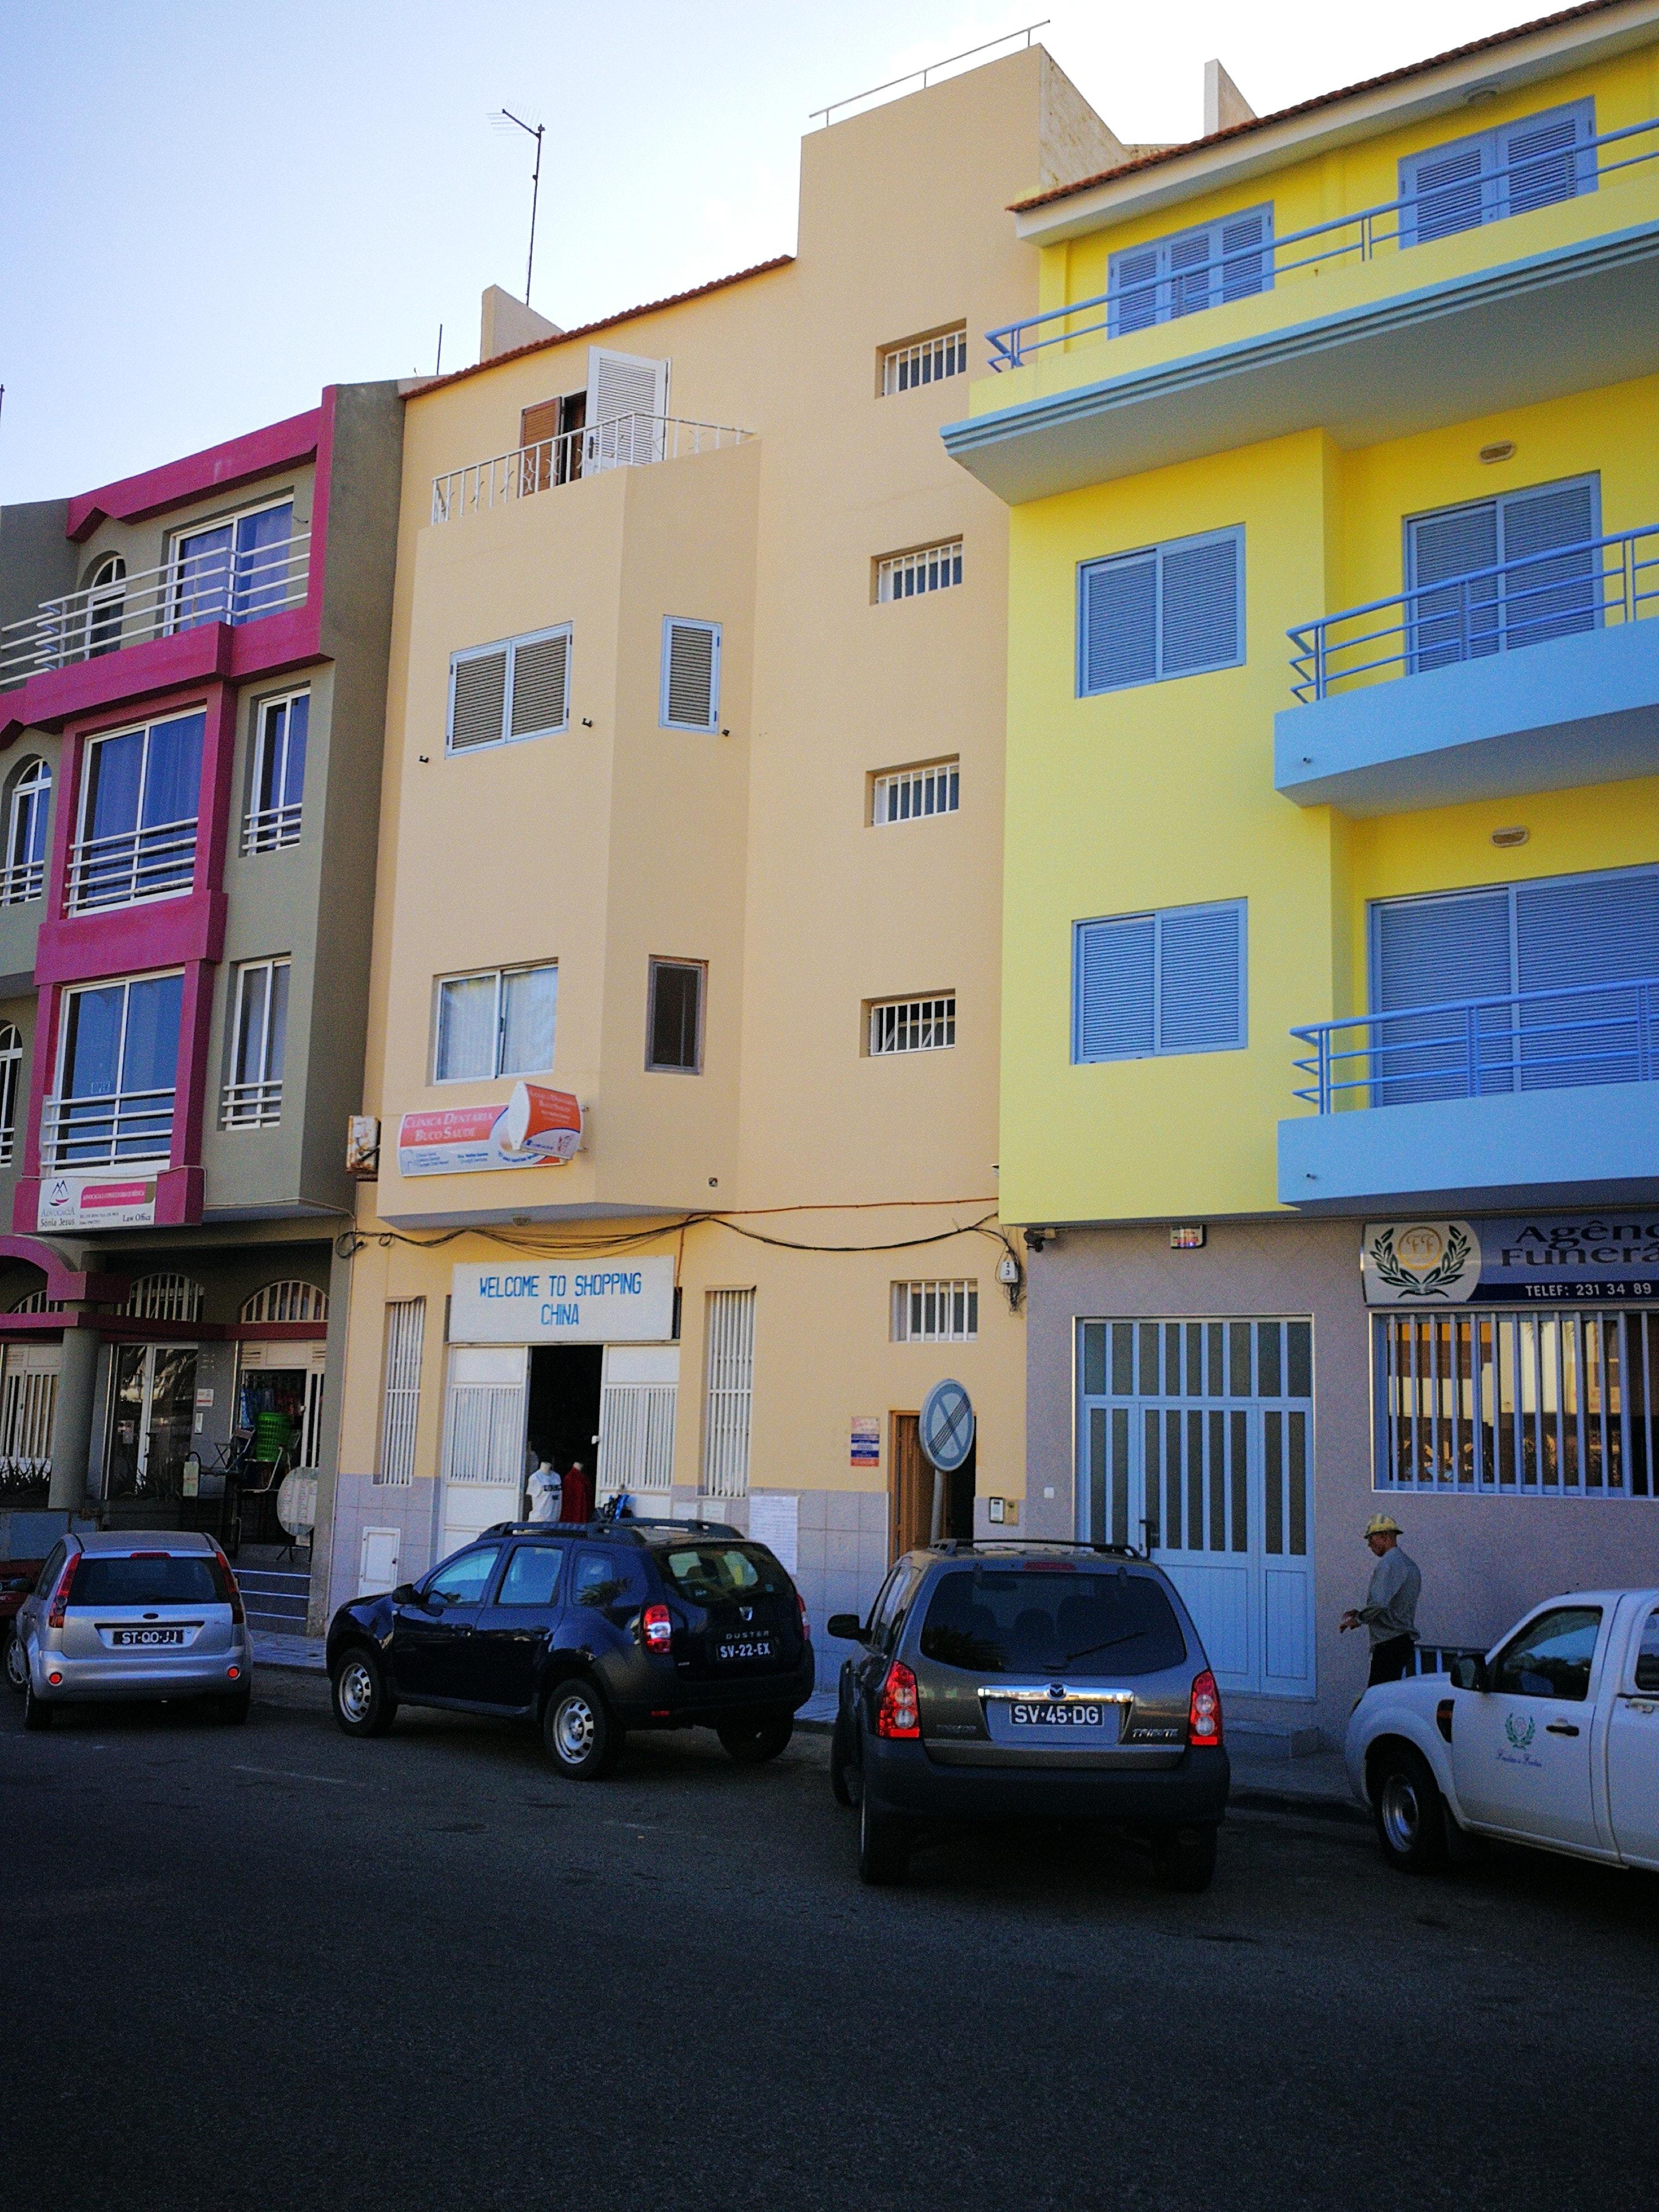 Wohnung mit 3 Schlafzimmern in Mindelo mit toller Aussicht auf die Berge